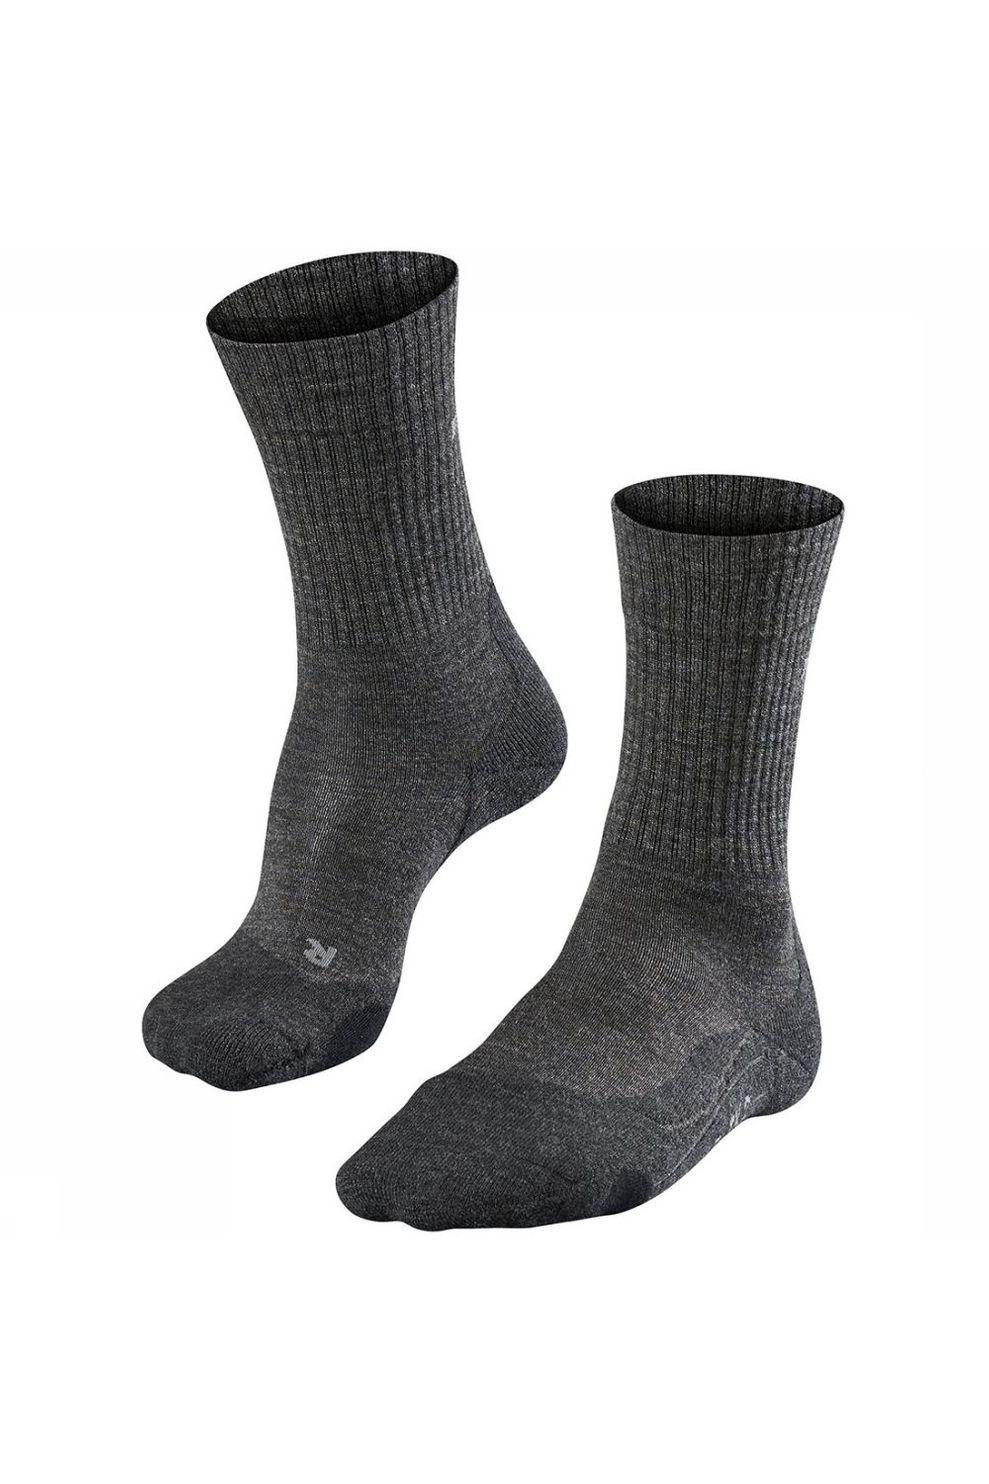 Falke TK2 Wool Sok Dames Donkergrijs/Middengrijs online kopen